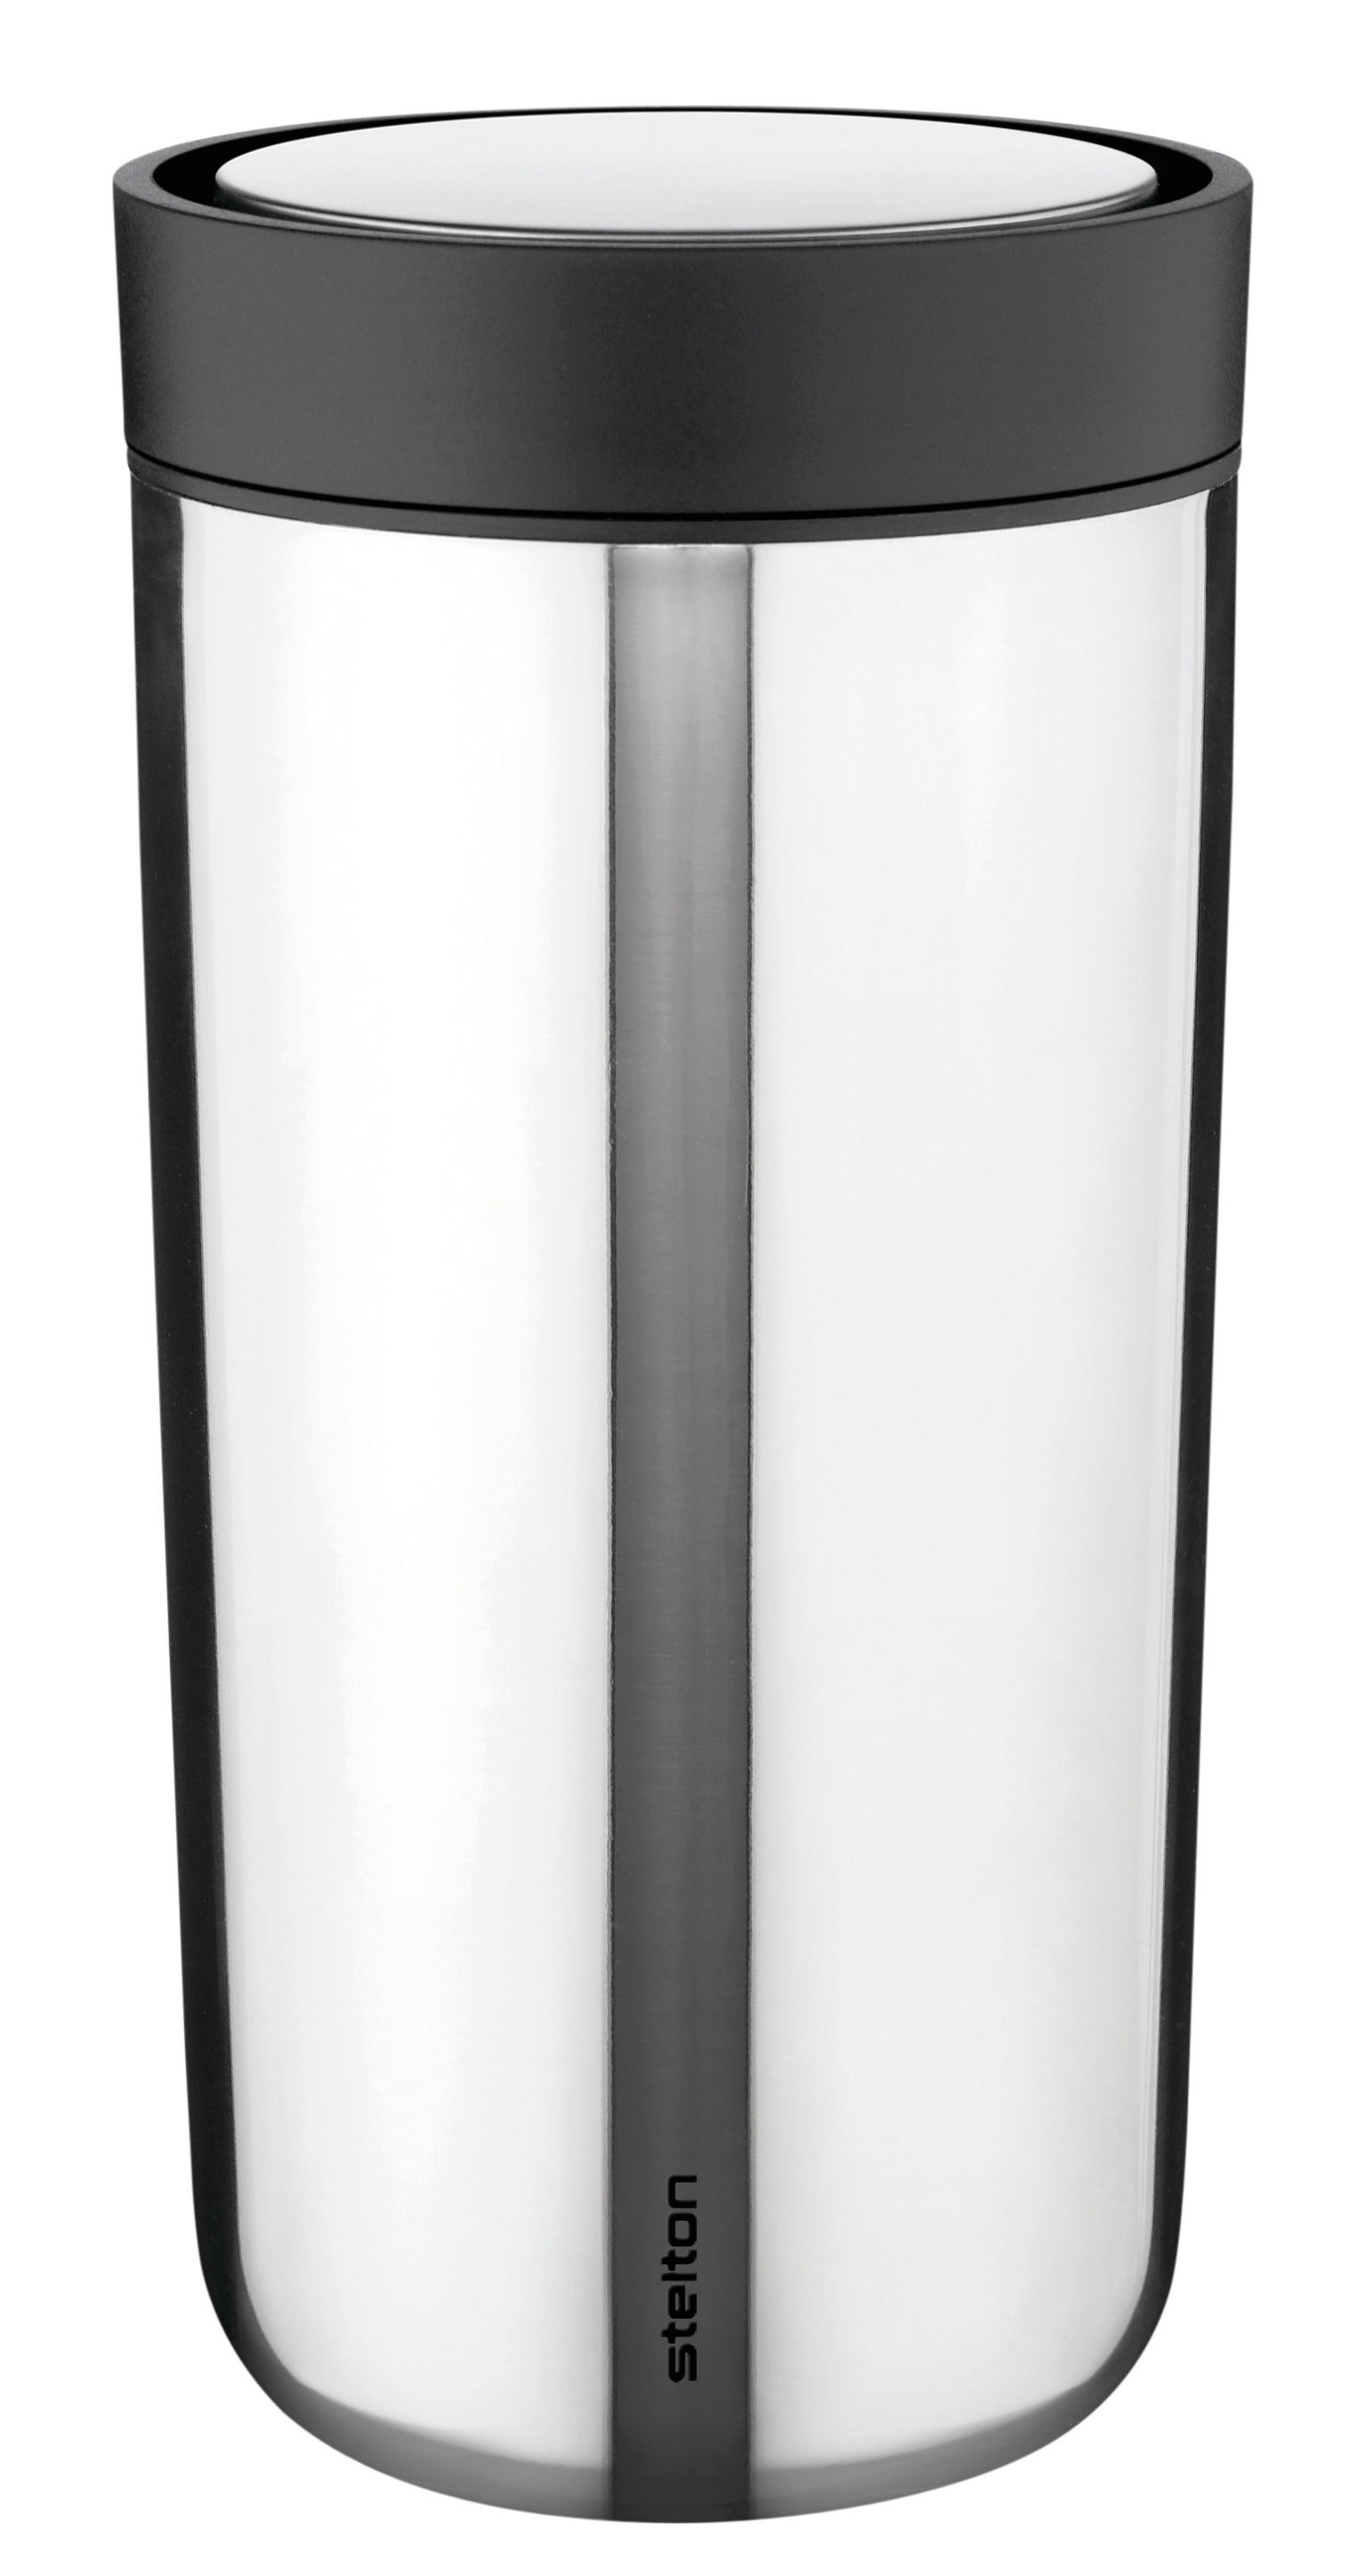 Tischkultur - Tassen und Becher - To Go Click Thermobecher Thermosbecher / mit Deckel - 34 cl - Stelton - Stahl - Plastik, rostfreier Stahl